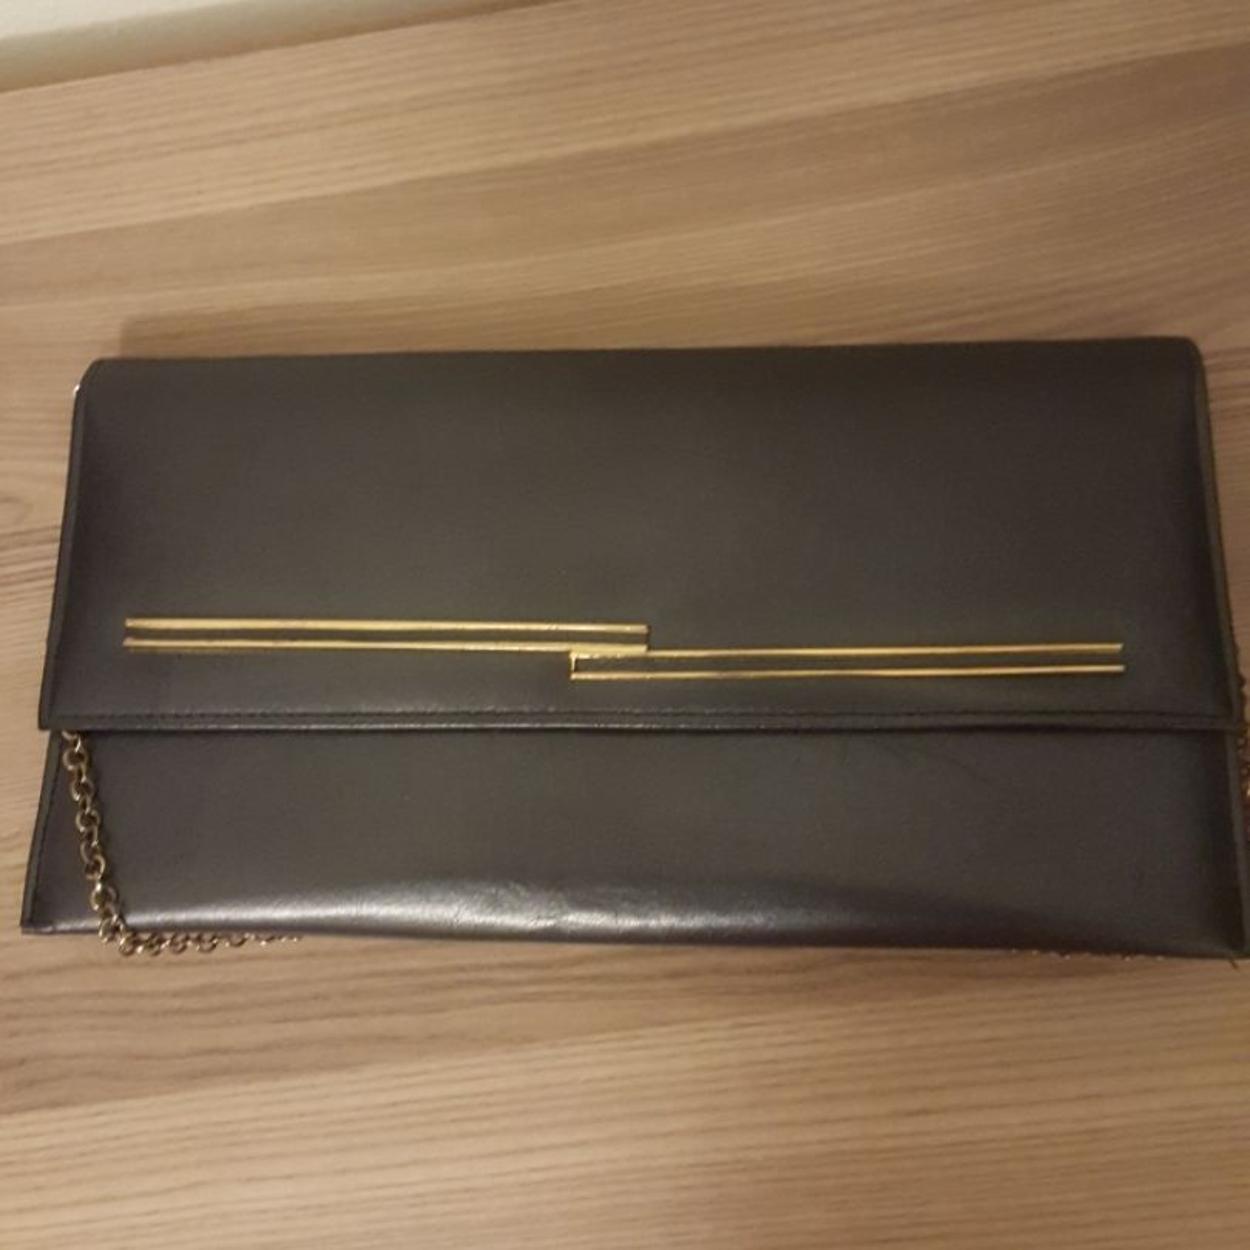 American Retro Portföy/El çantası